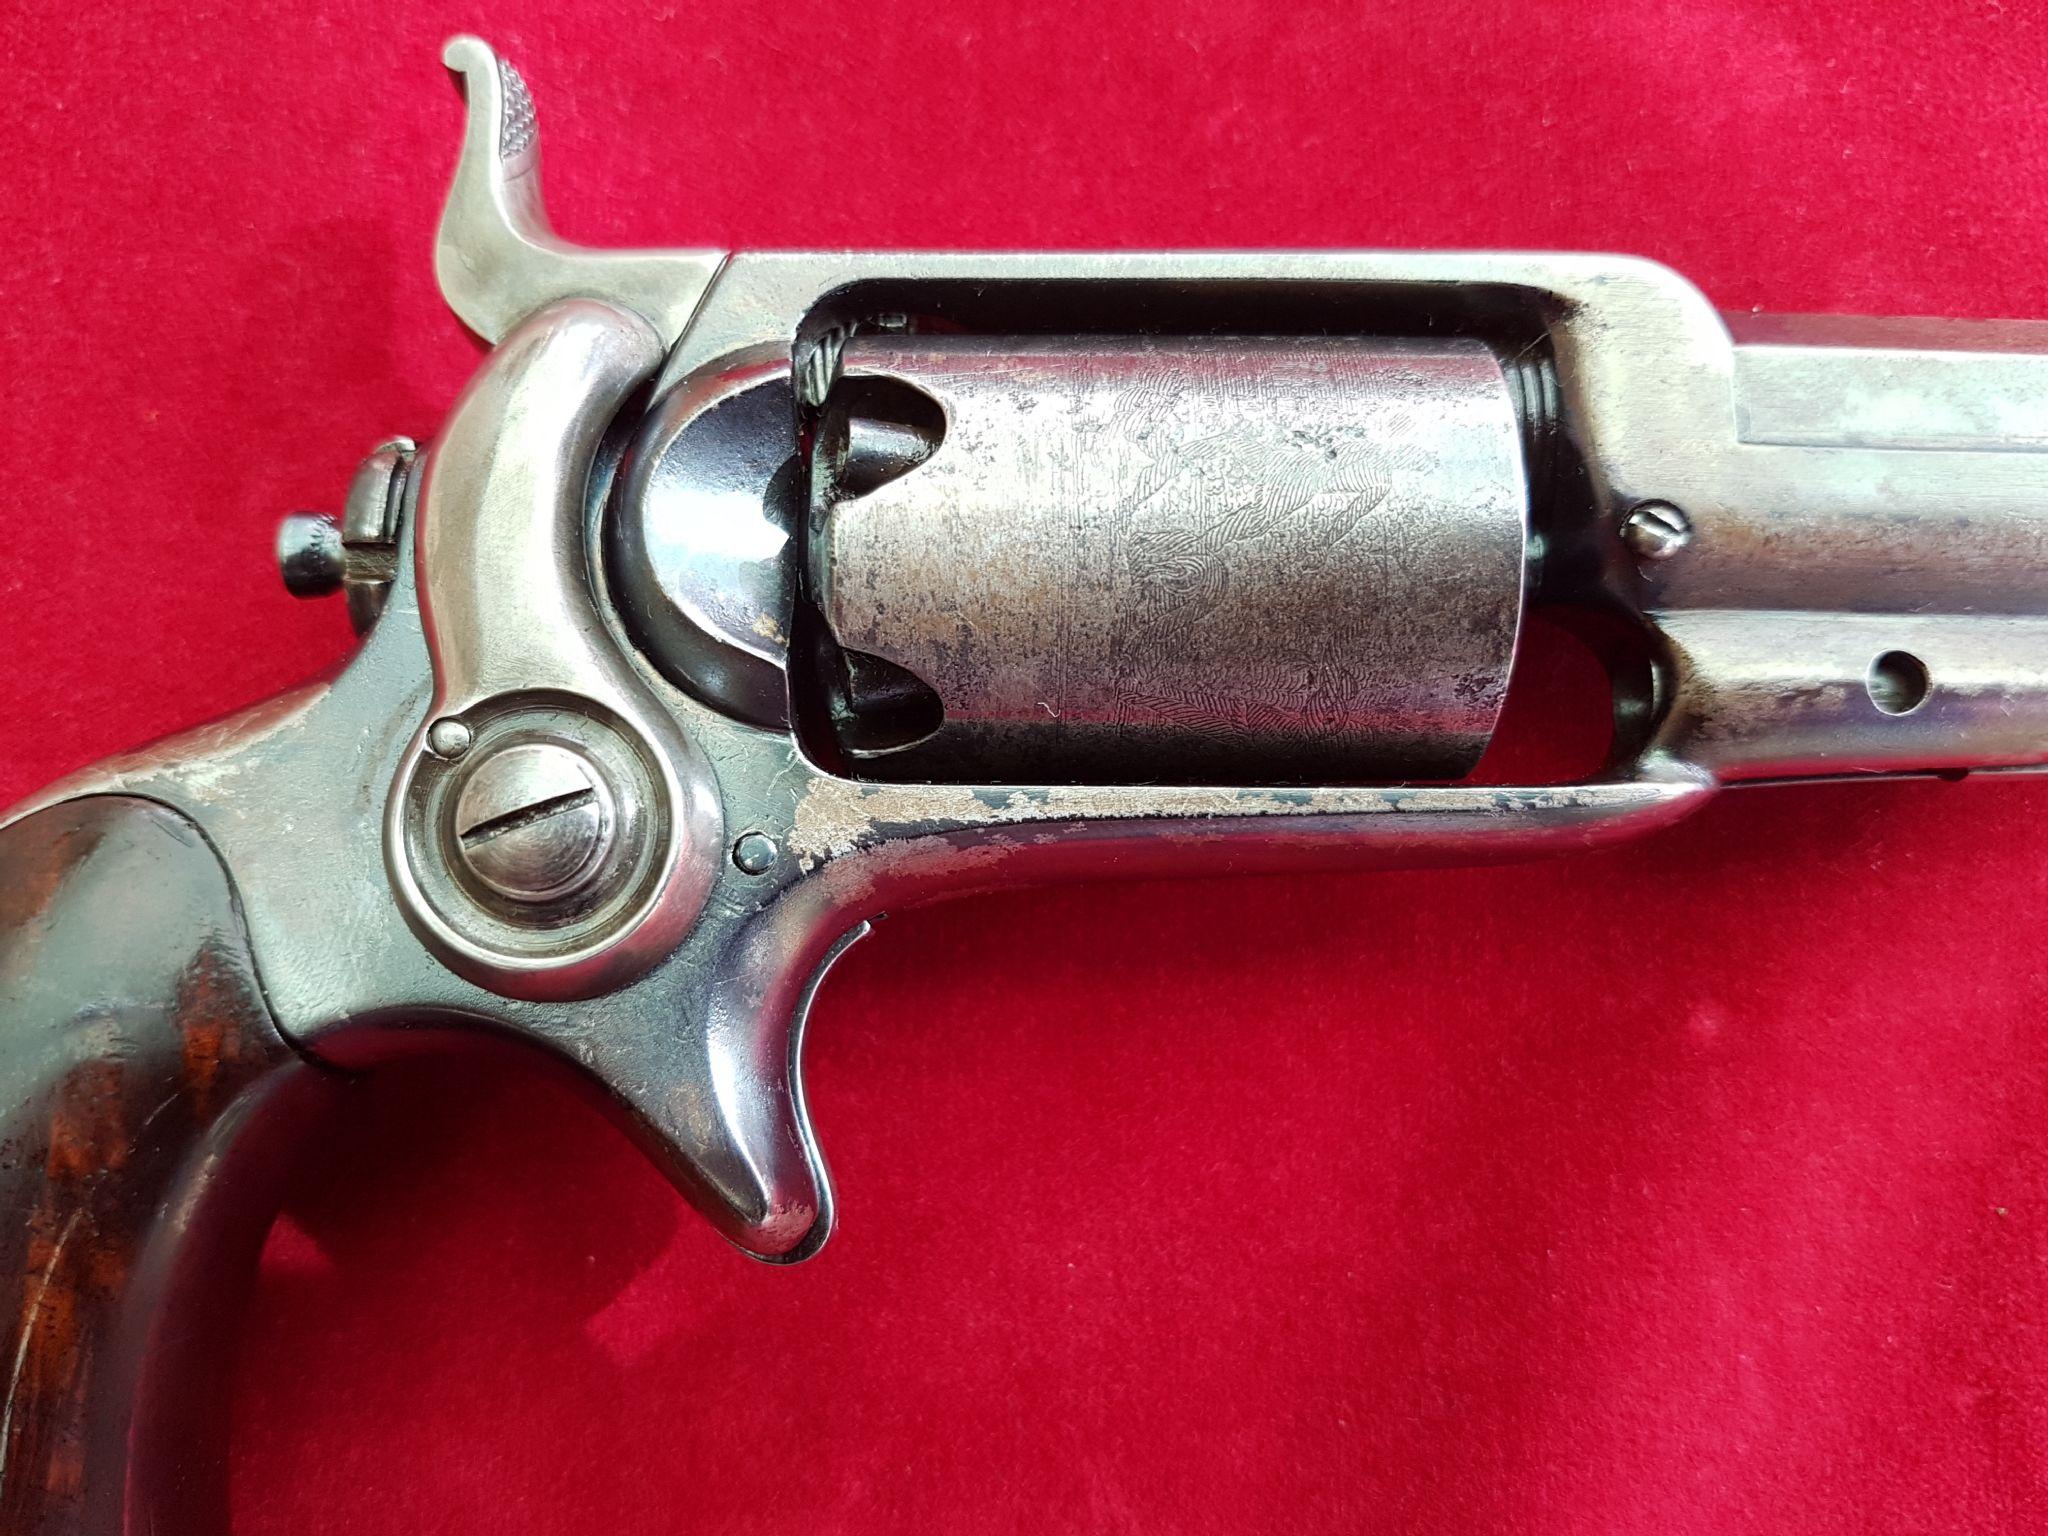 X X X SOLD X X X Colt Roots pocket 1855 model percussion revolver